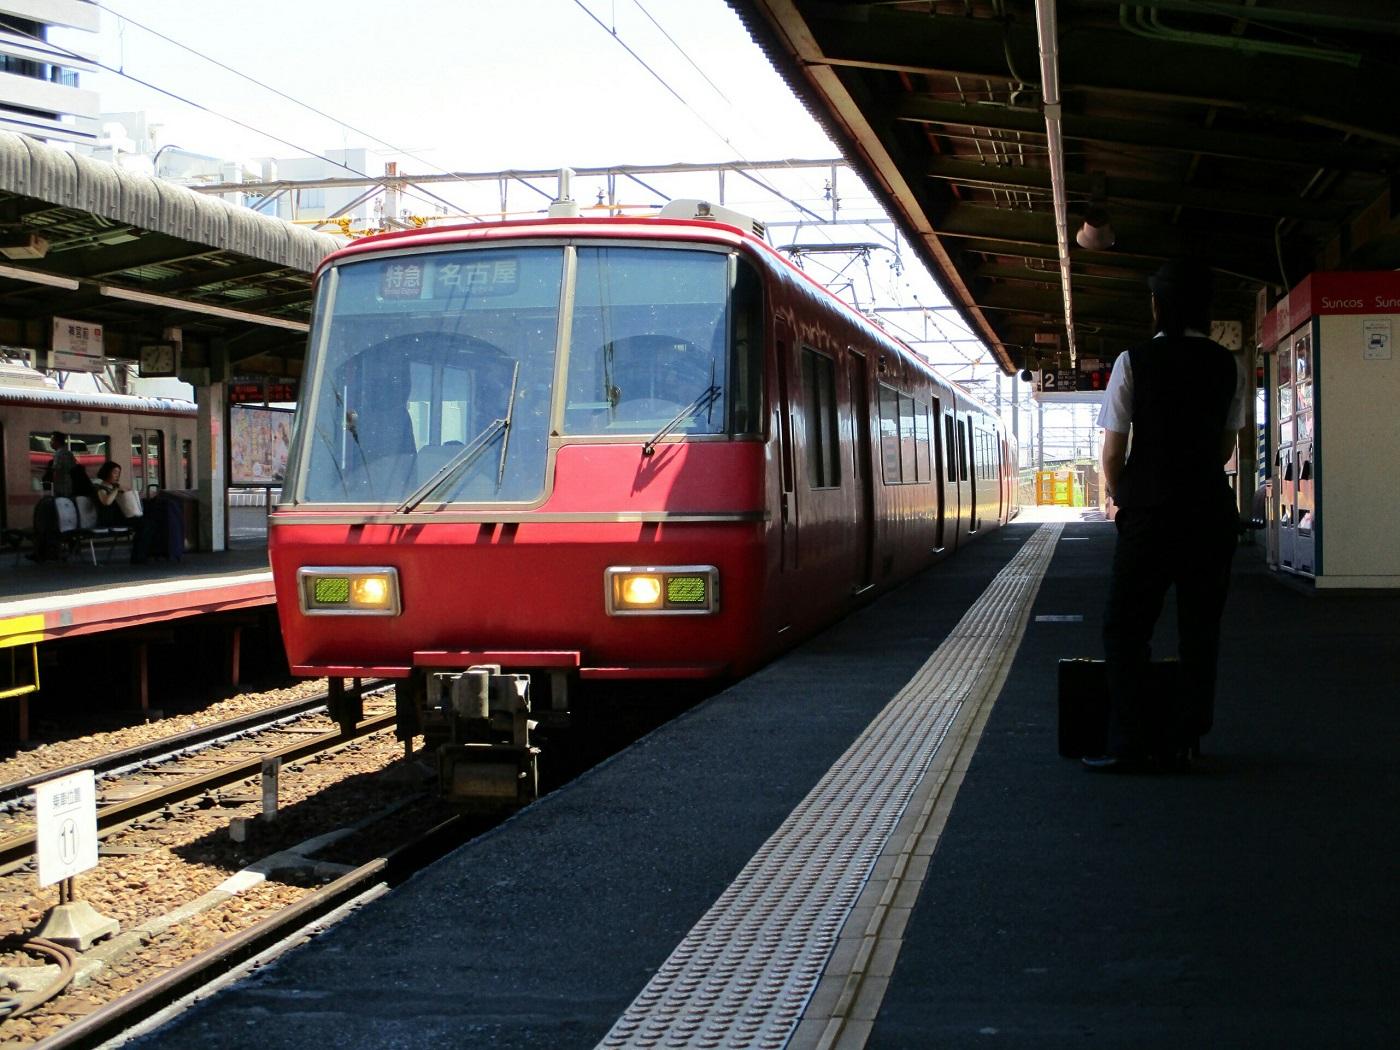 2018.6.12 (11) 神宮前 - 名古屋いき特急(まえ) 1400-1050